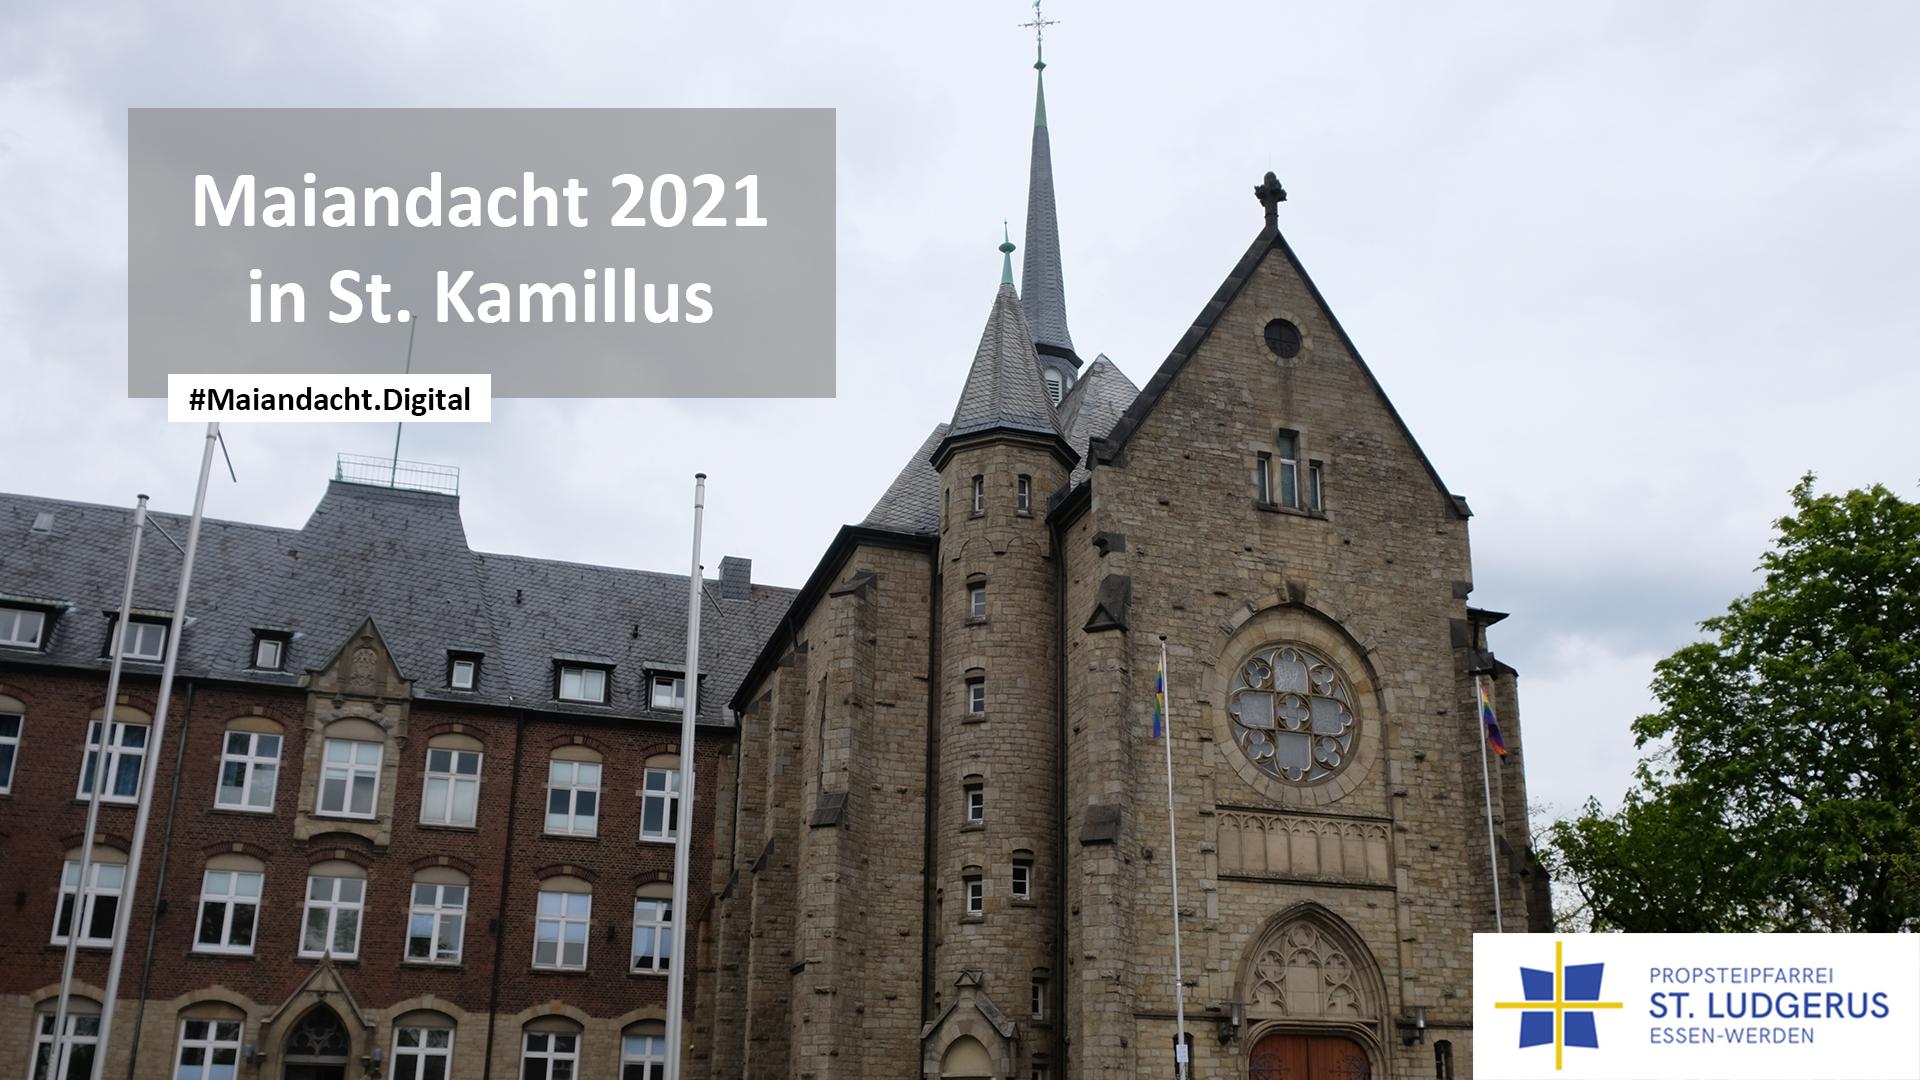 Maiandacht aus der Gemeinde St. Kamillus, Kirche St. Kamillus in Essen-Heidhausen